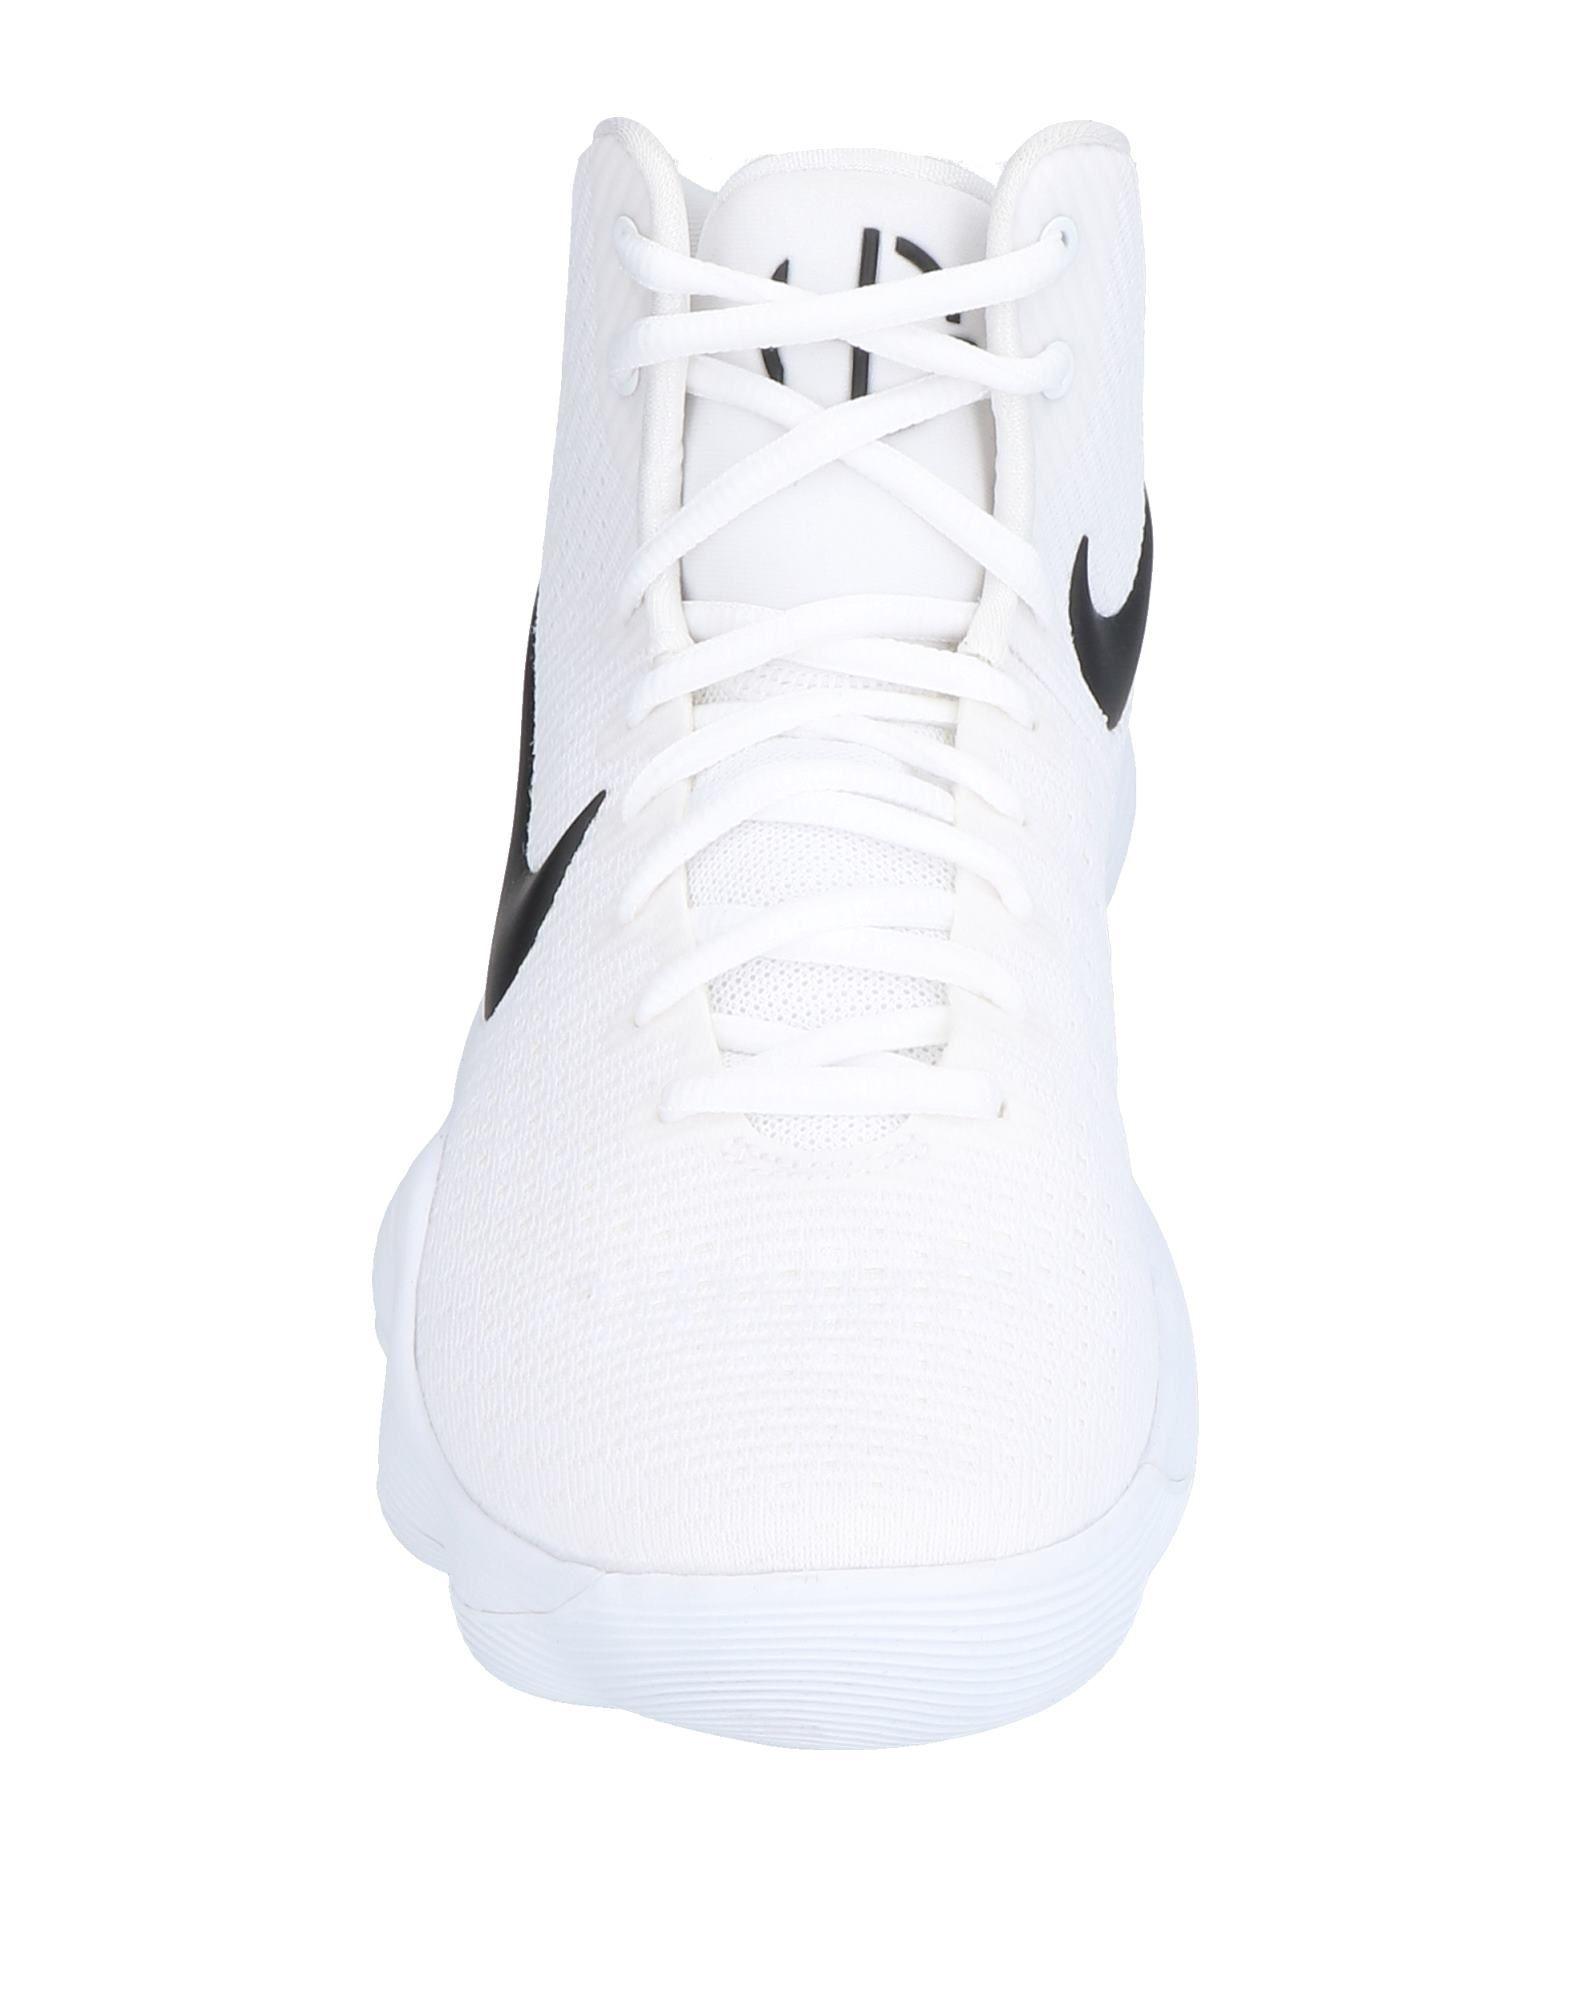 Rabatt echte  Schuhe Nike Sneakers Herren  echte 11485863AD d50ccf